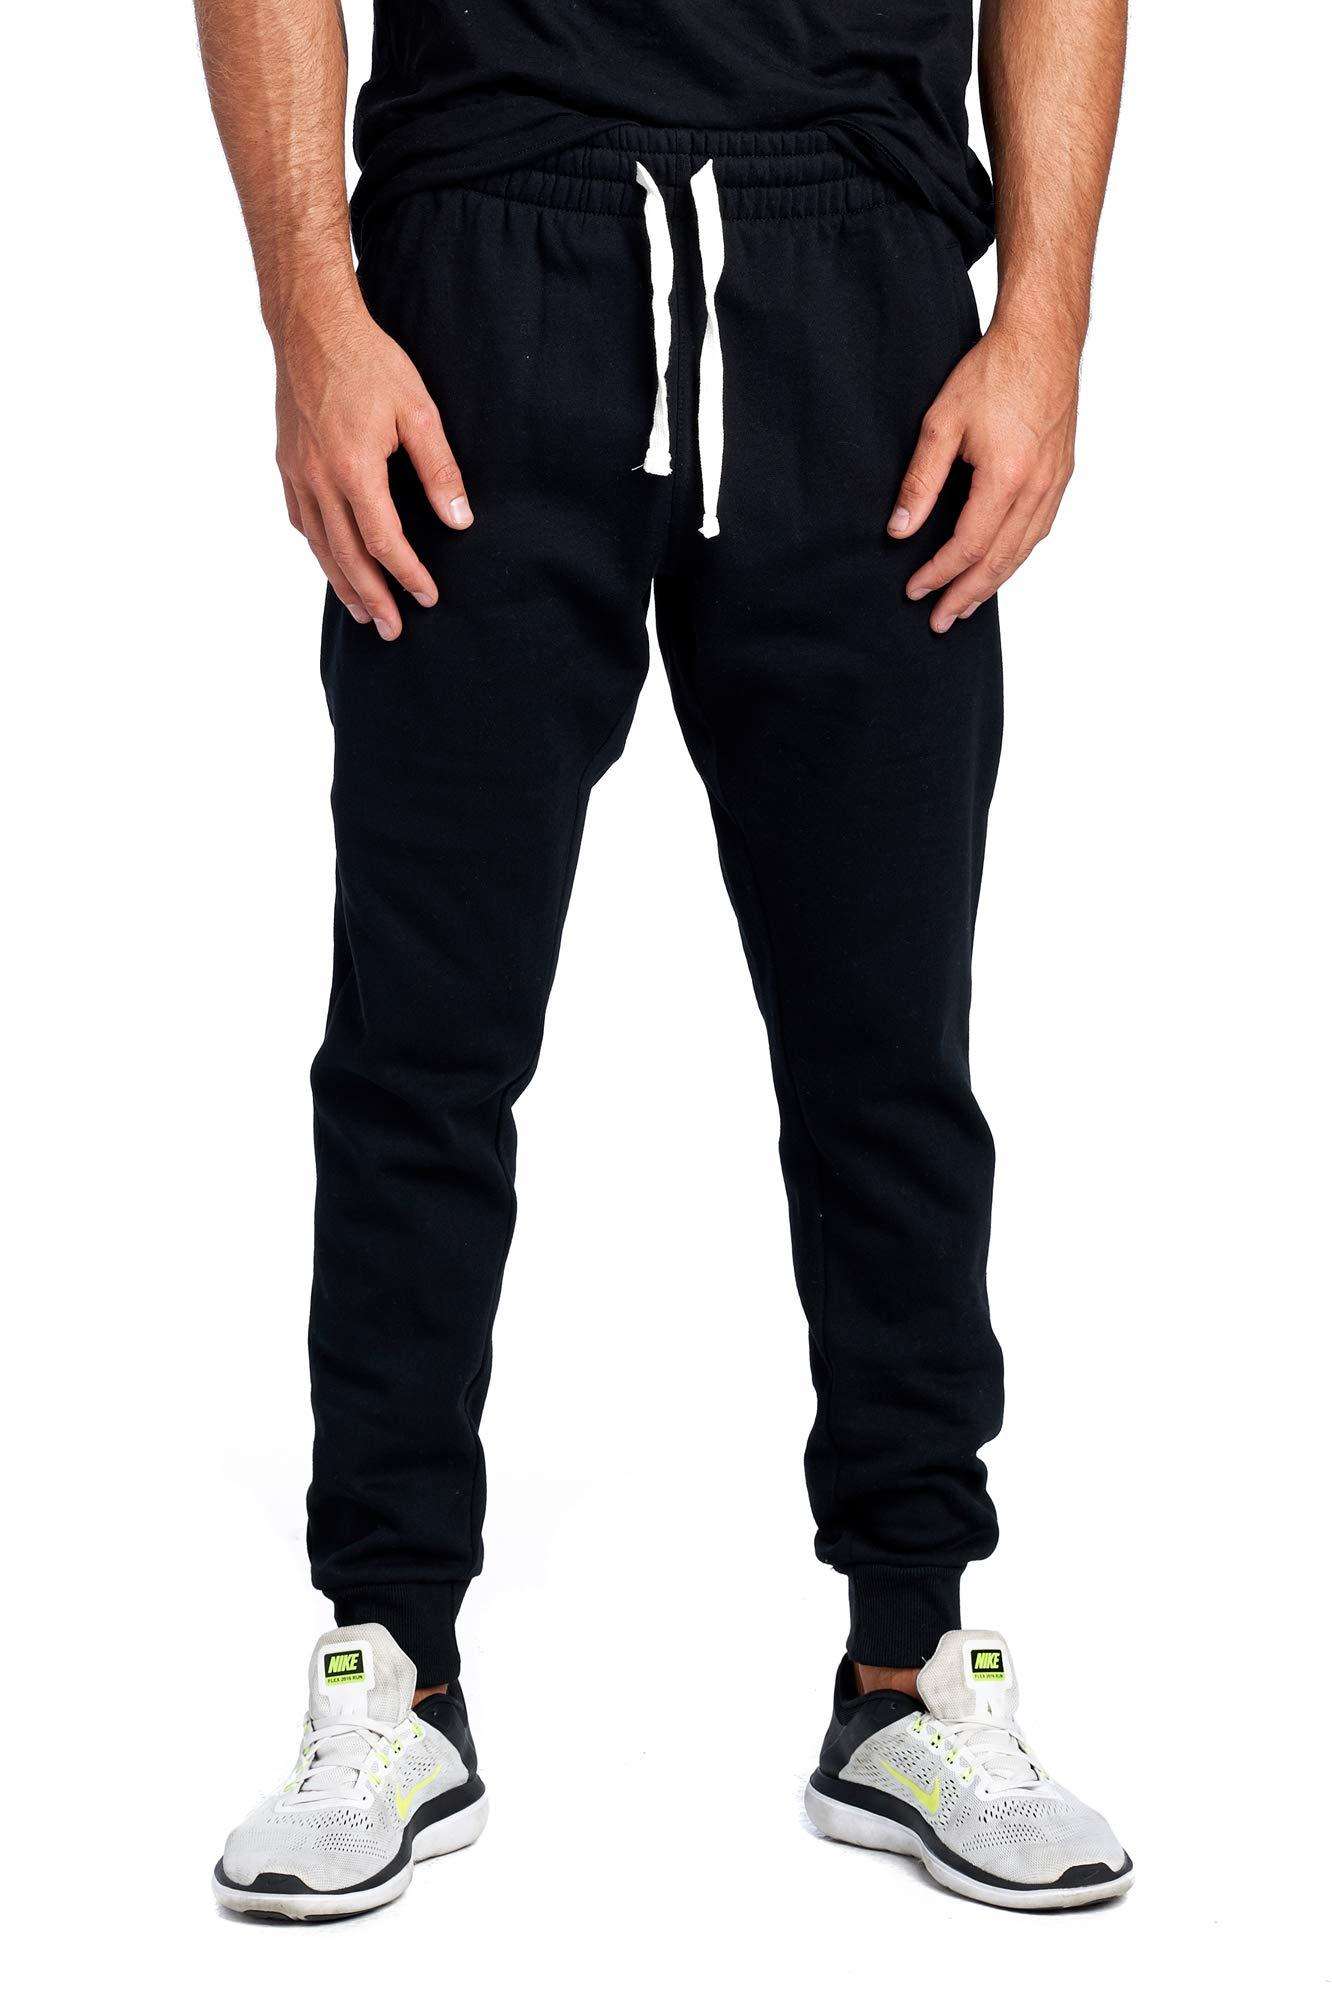 ProGo Men's Casual Jogger Sweatpants Basic Fleece Marled Jogger Pant Elastic Waist (XXX-Large, Black (Slanted Pocket)) by PROGO USA